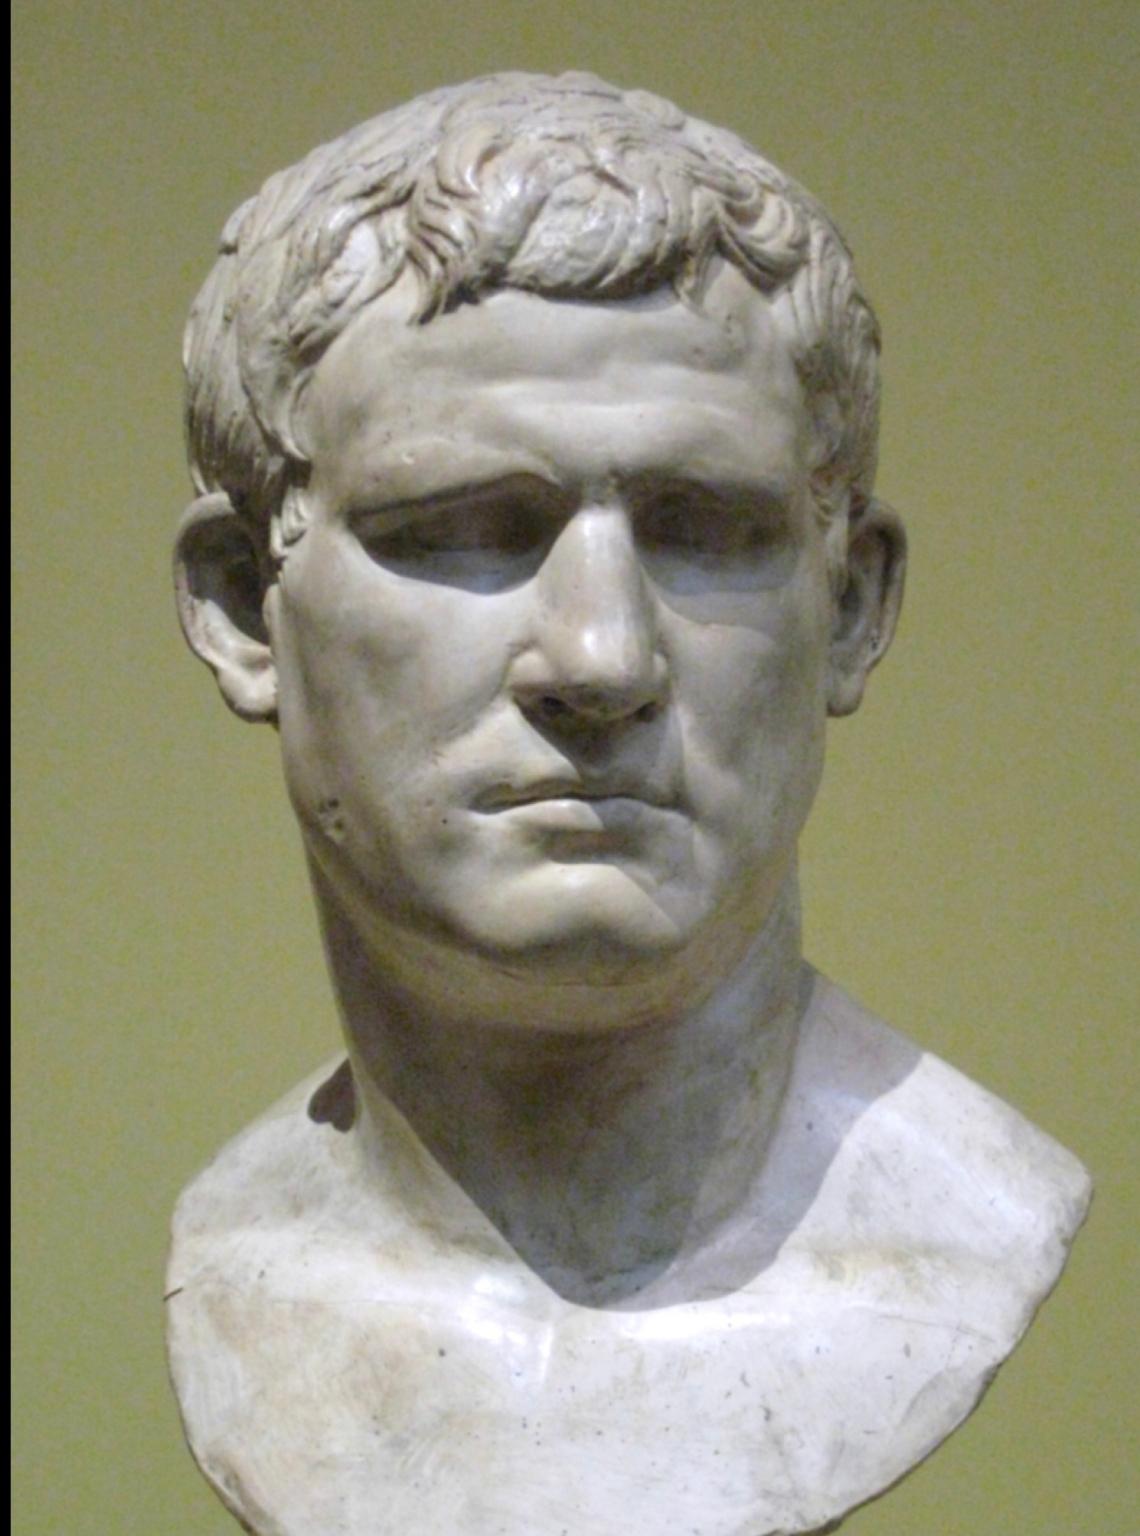 Ritratto di Marco Vipsanio Agrippa, padre di Agrippa Postumo